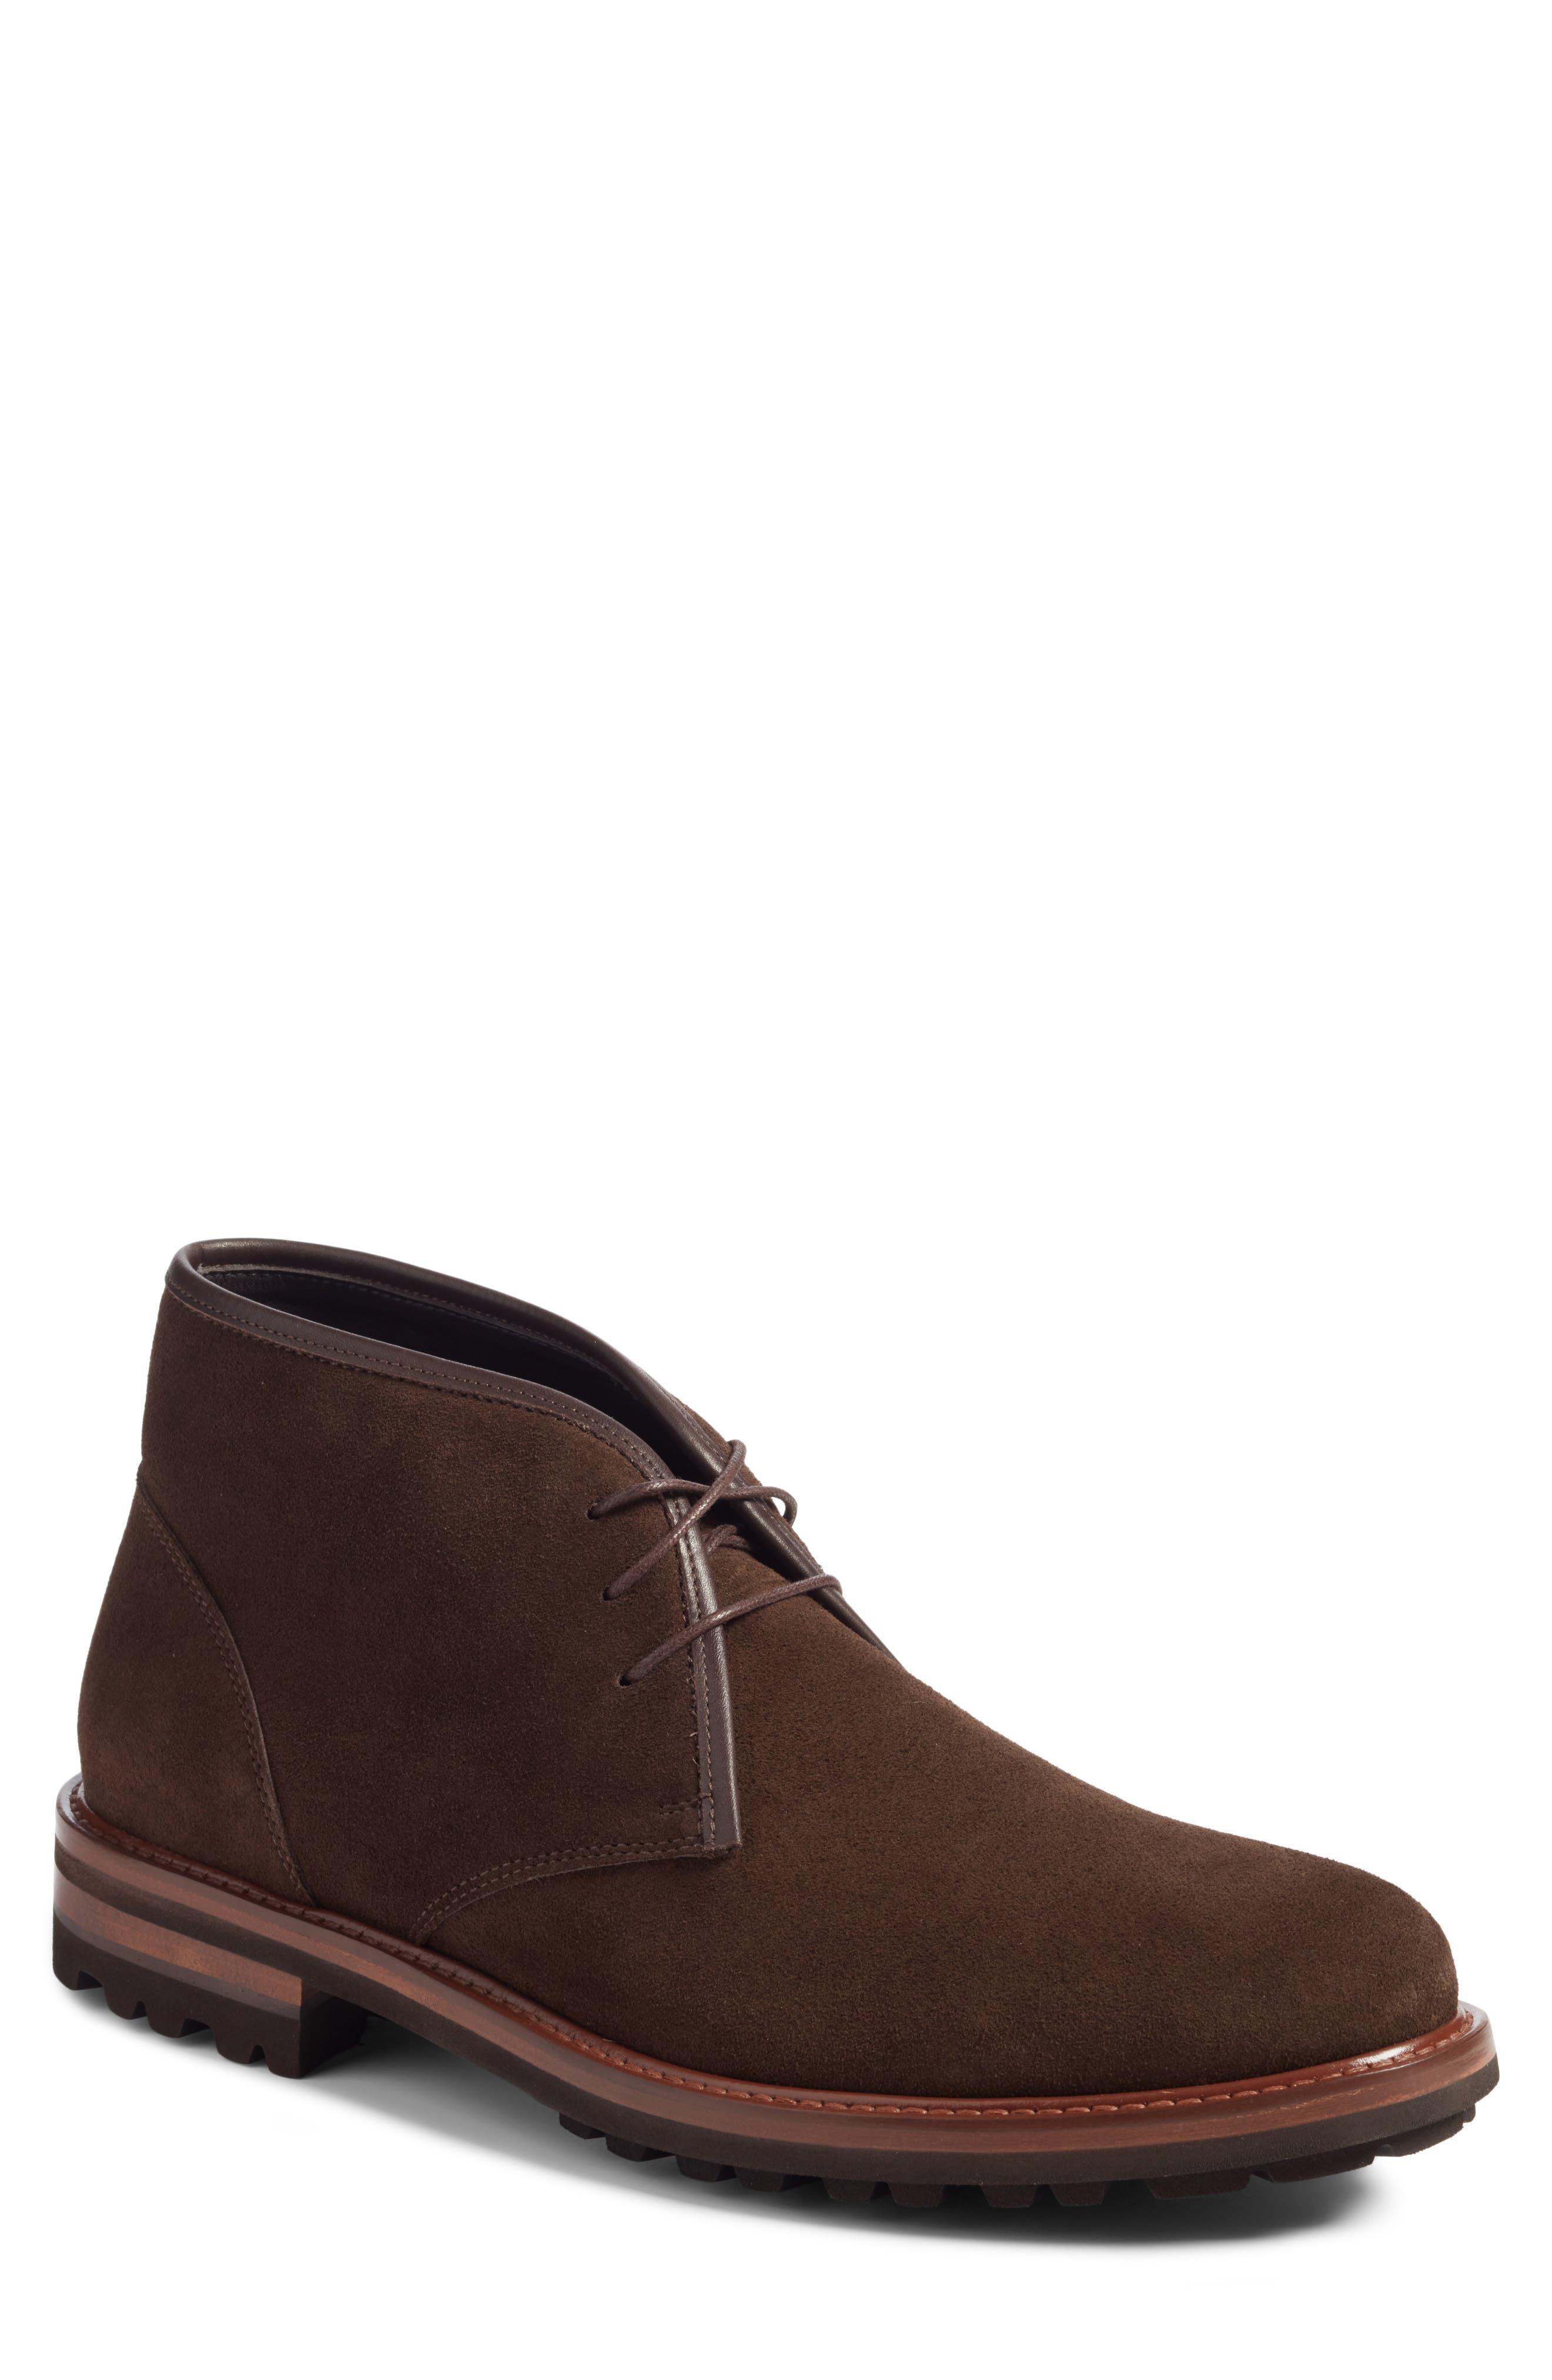 Monte Rosso Brixen Waterproof Chukka Boot (Men)